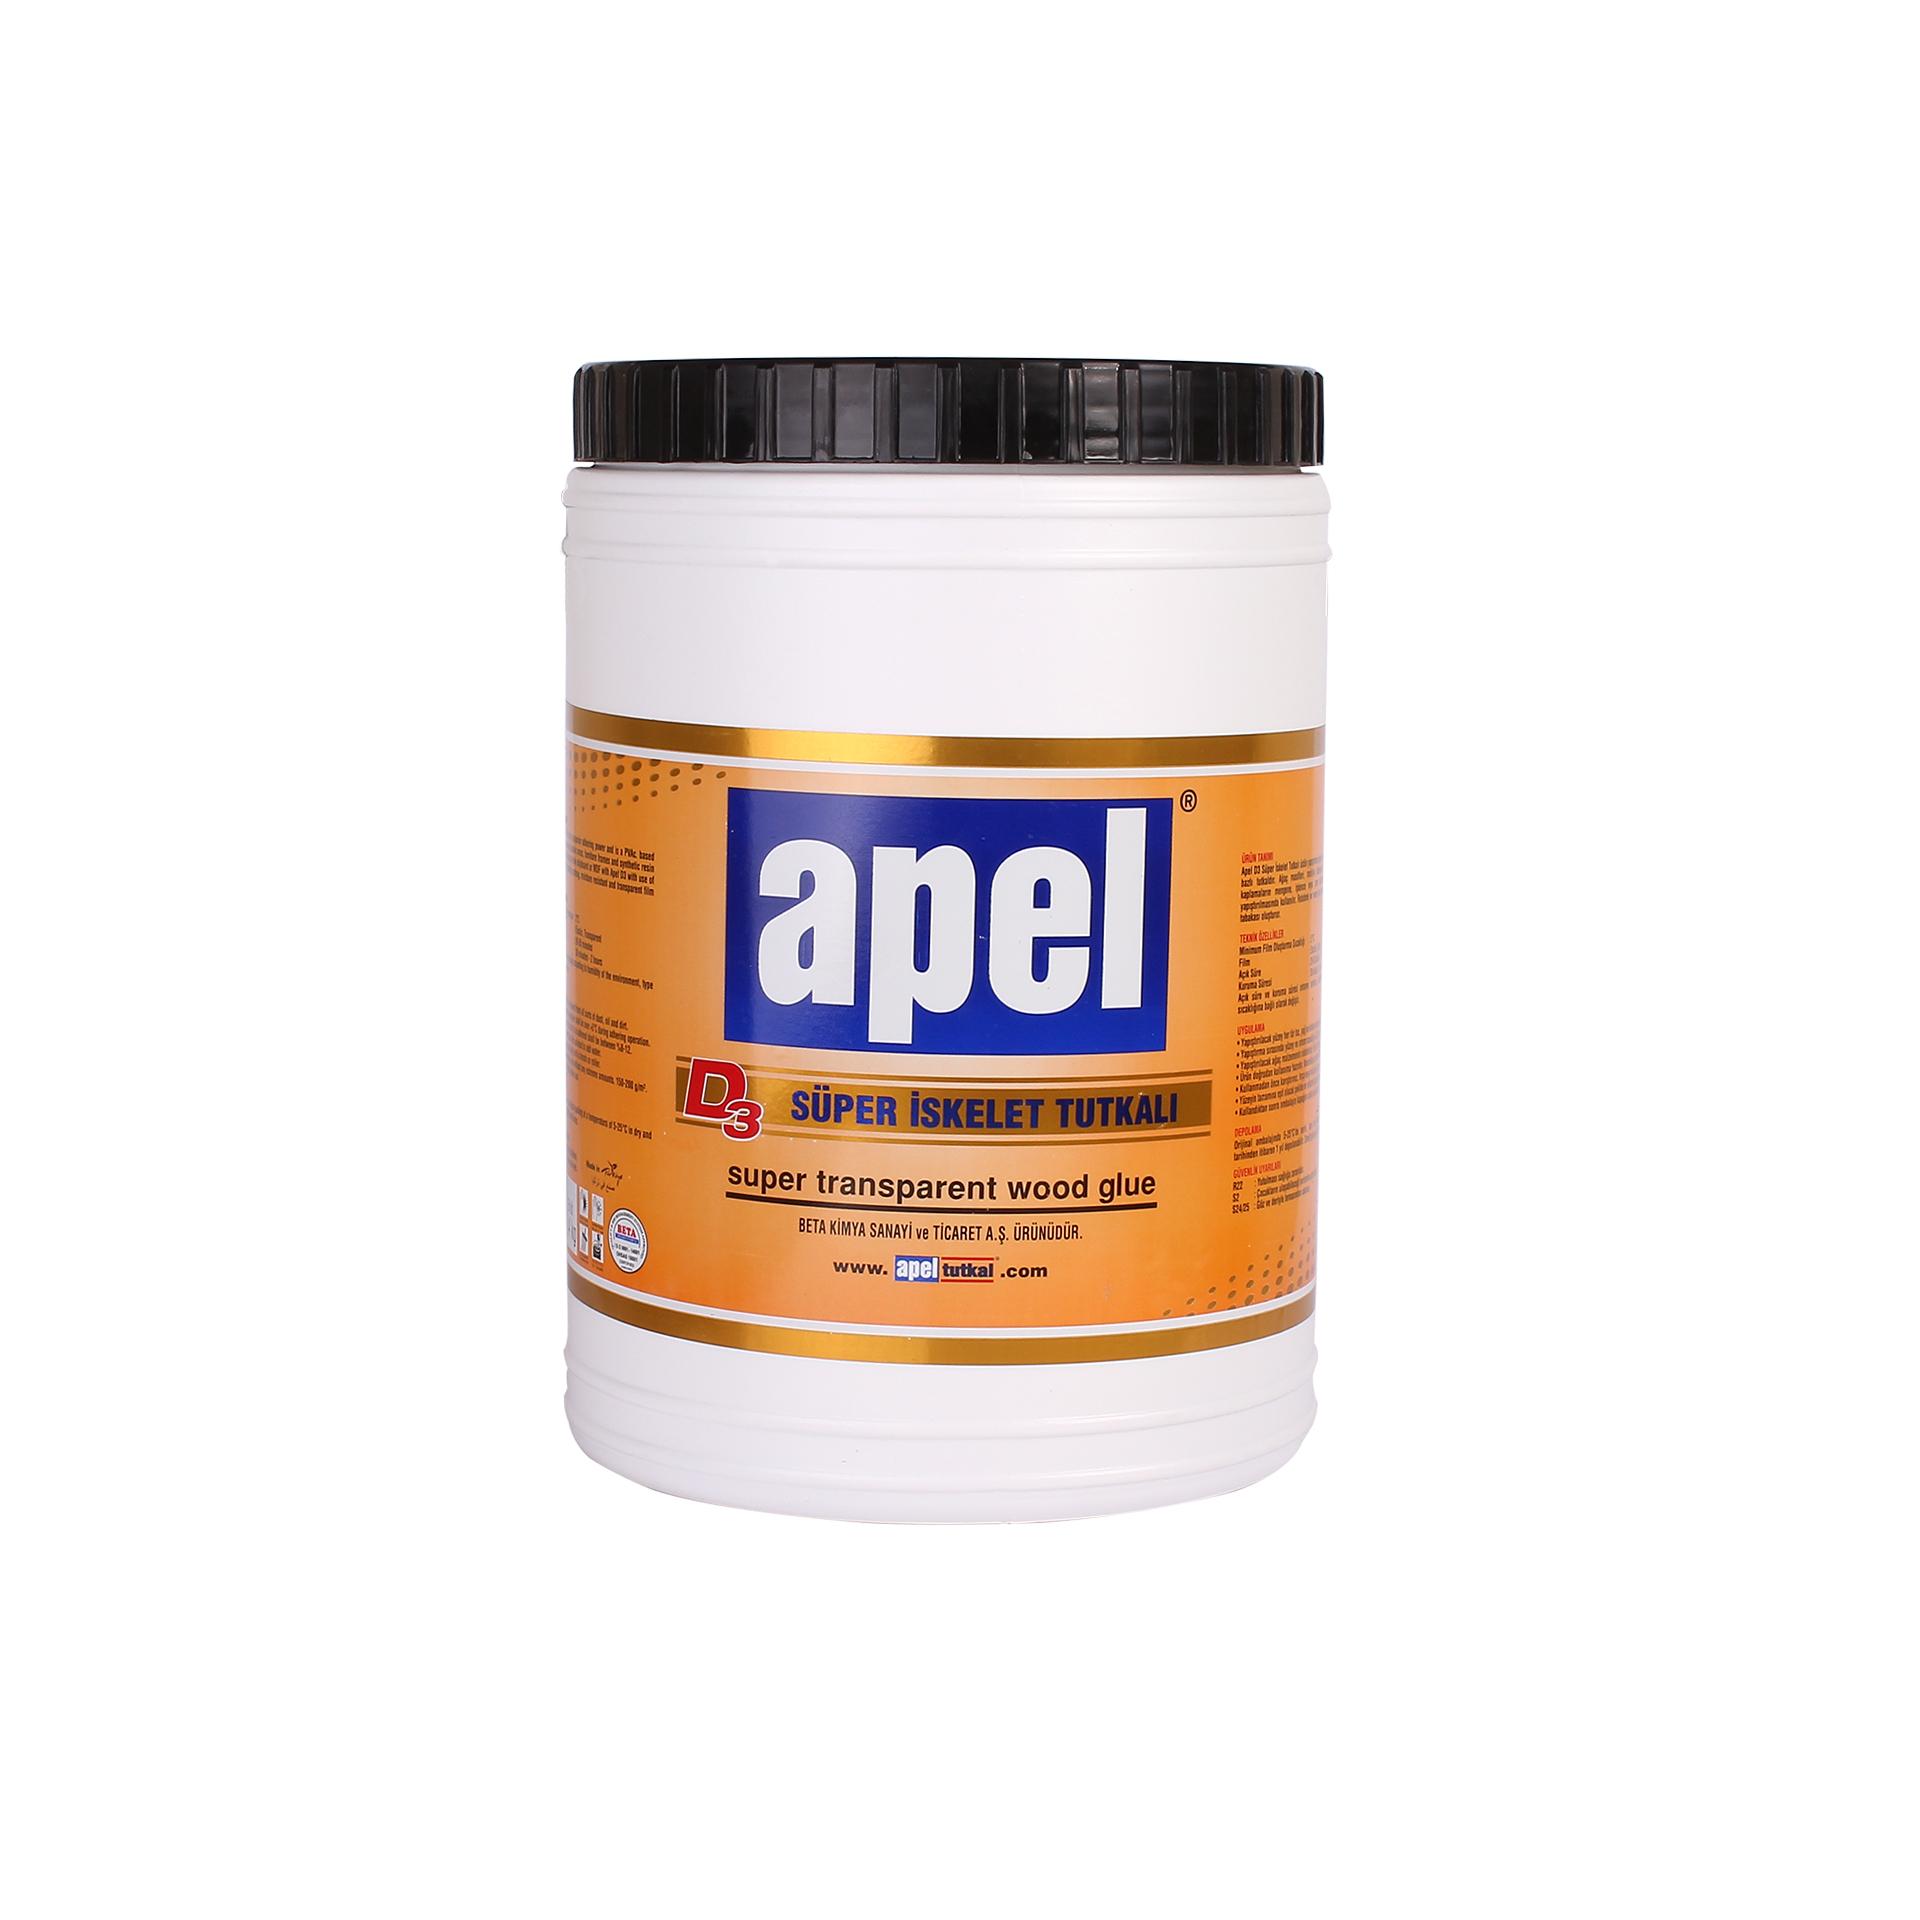 APEL D3 Super Transparent Wood Glue_2